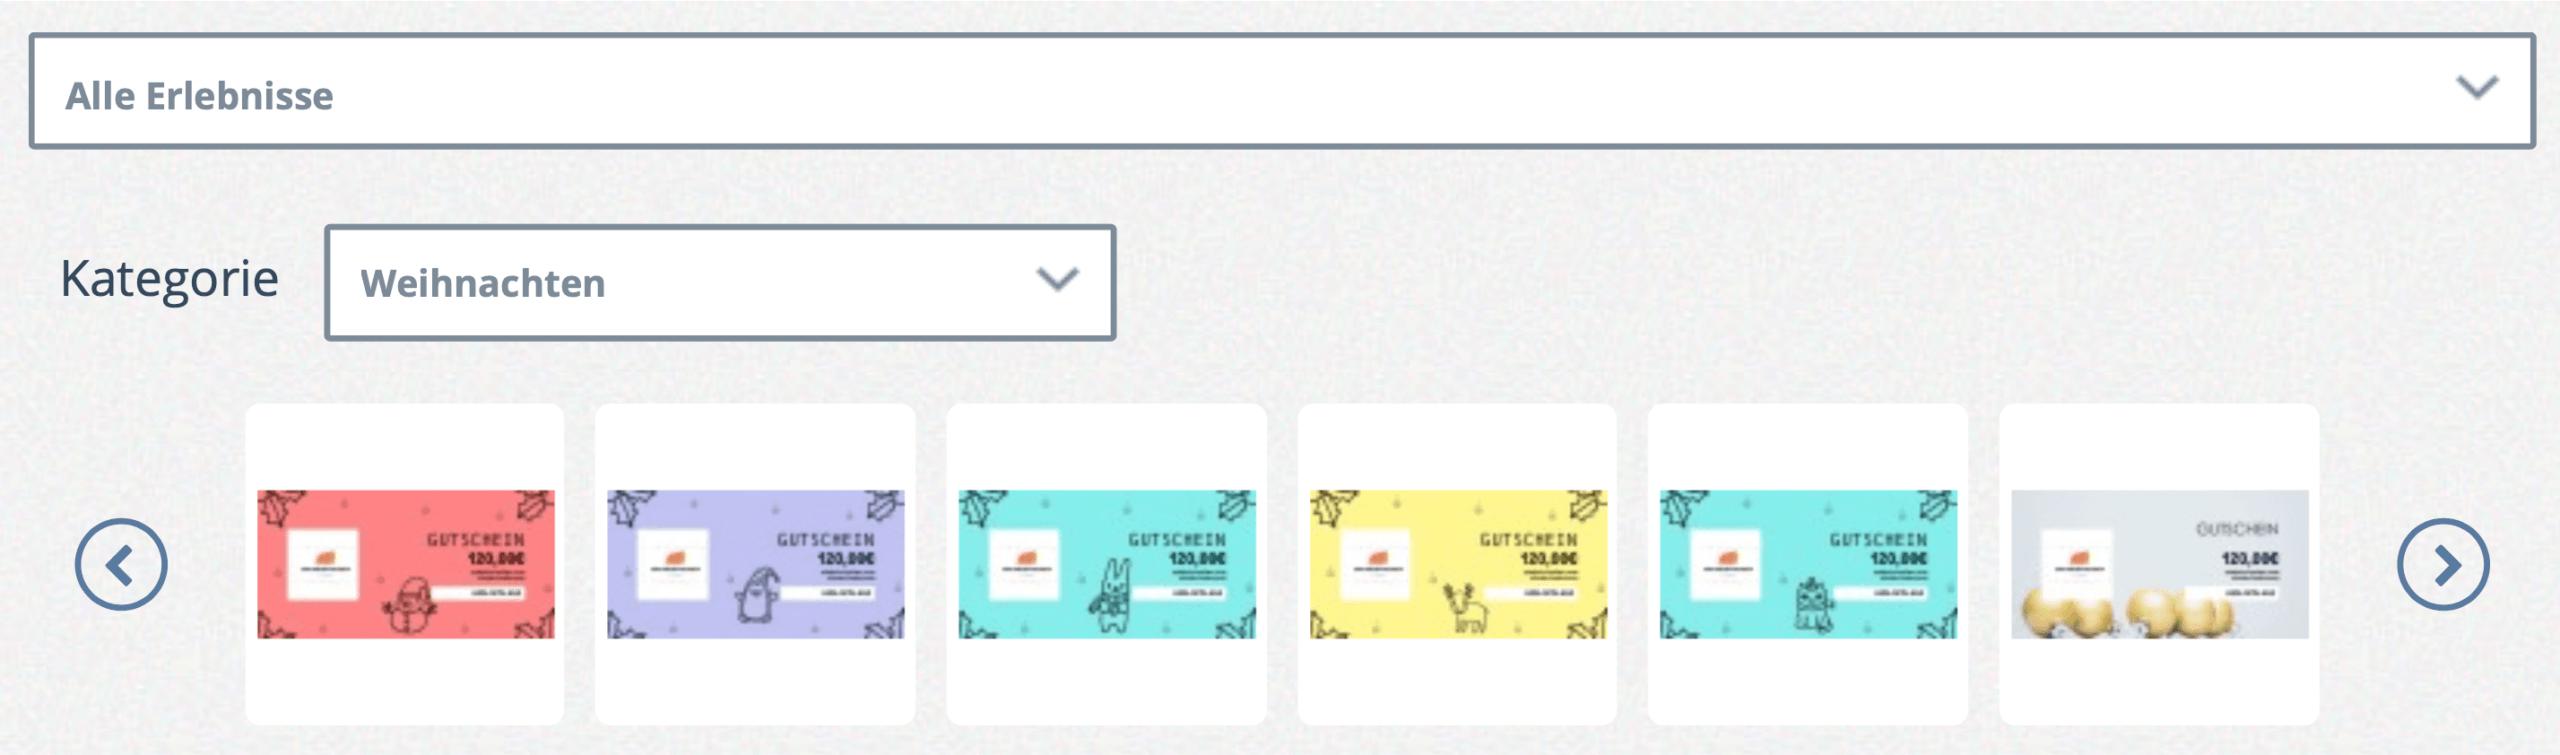 bookingkit-Gutscheinverkauf-zu-Weihnachten-Gutschein-Konfigurator-Screenshot